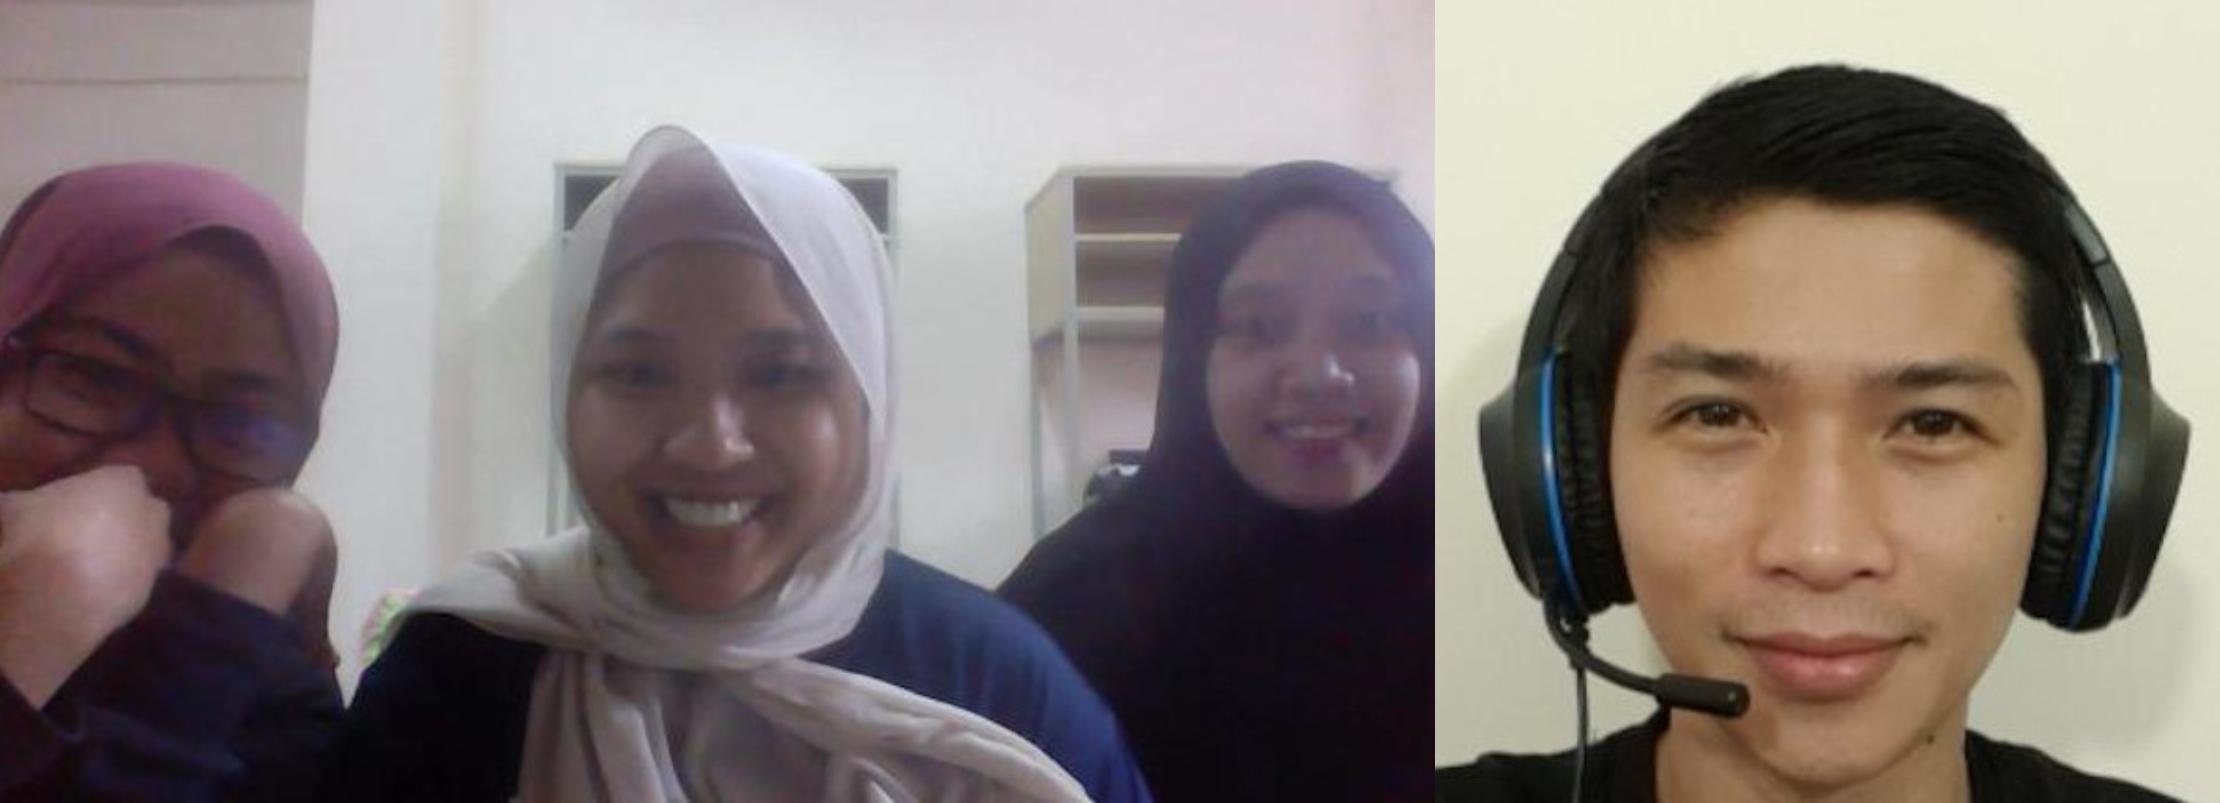 阿都卡立(下图)与学生进行线上撰写履历小组讨论。-Abdul Khaliq Putra提供-